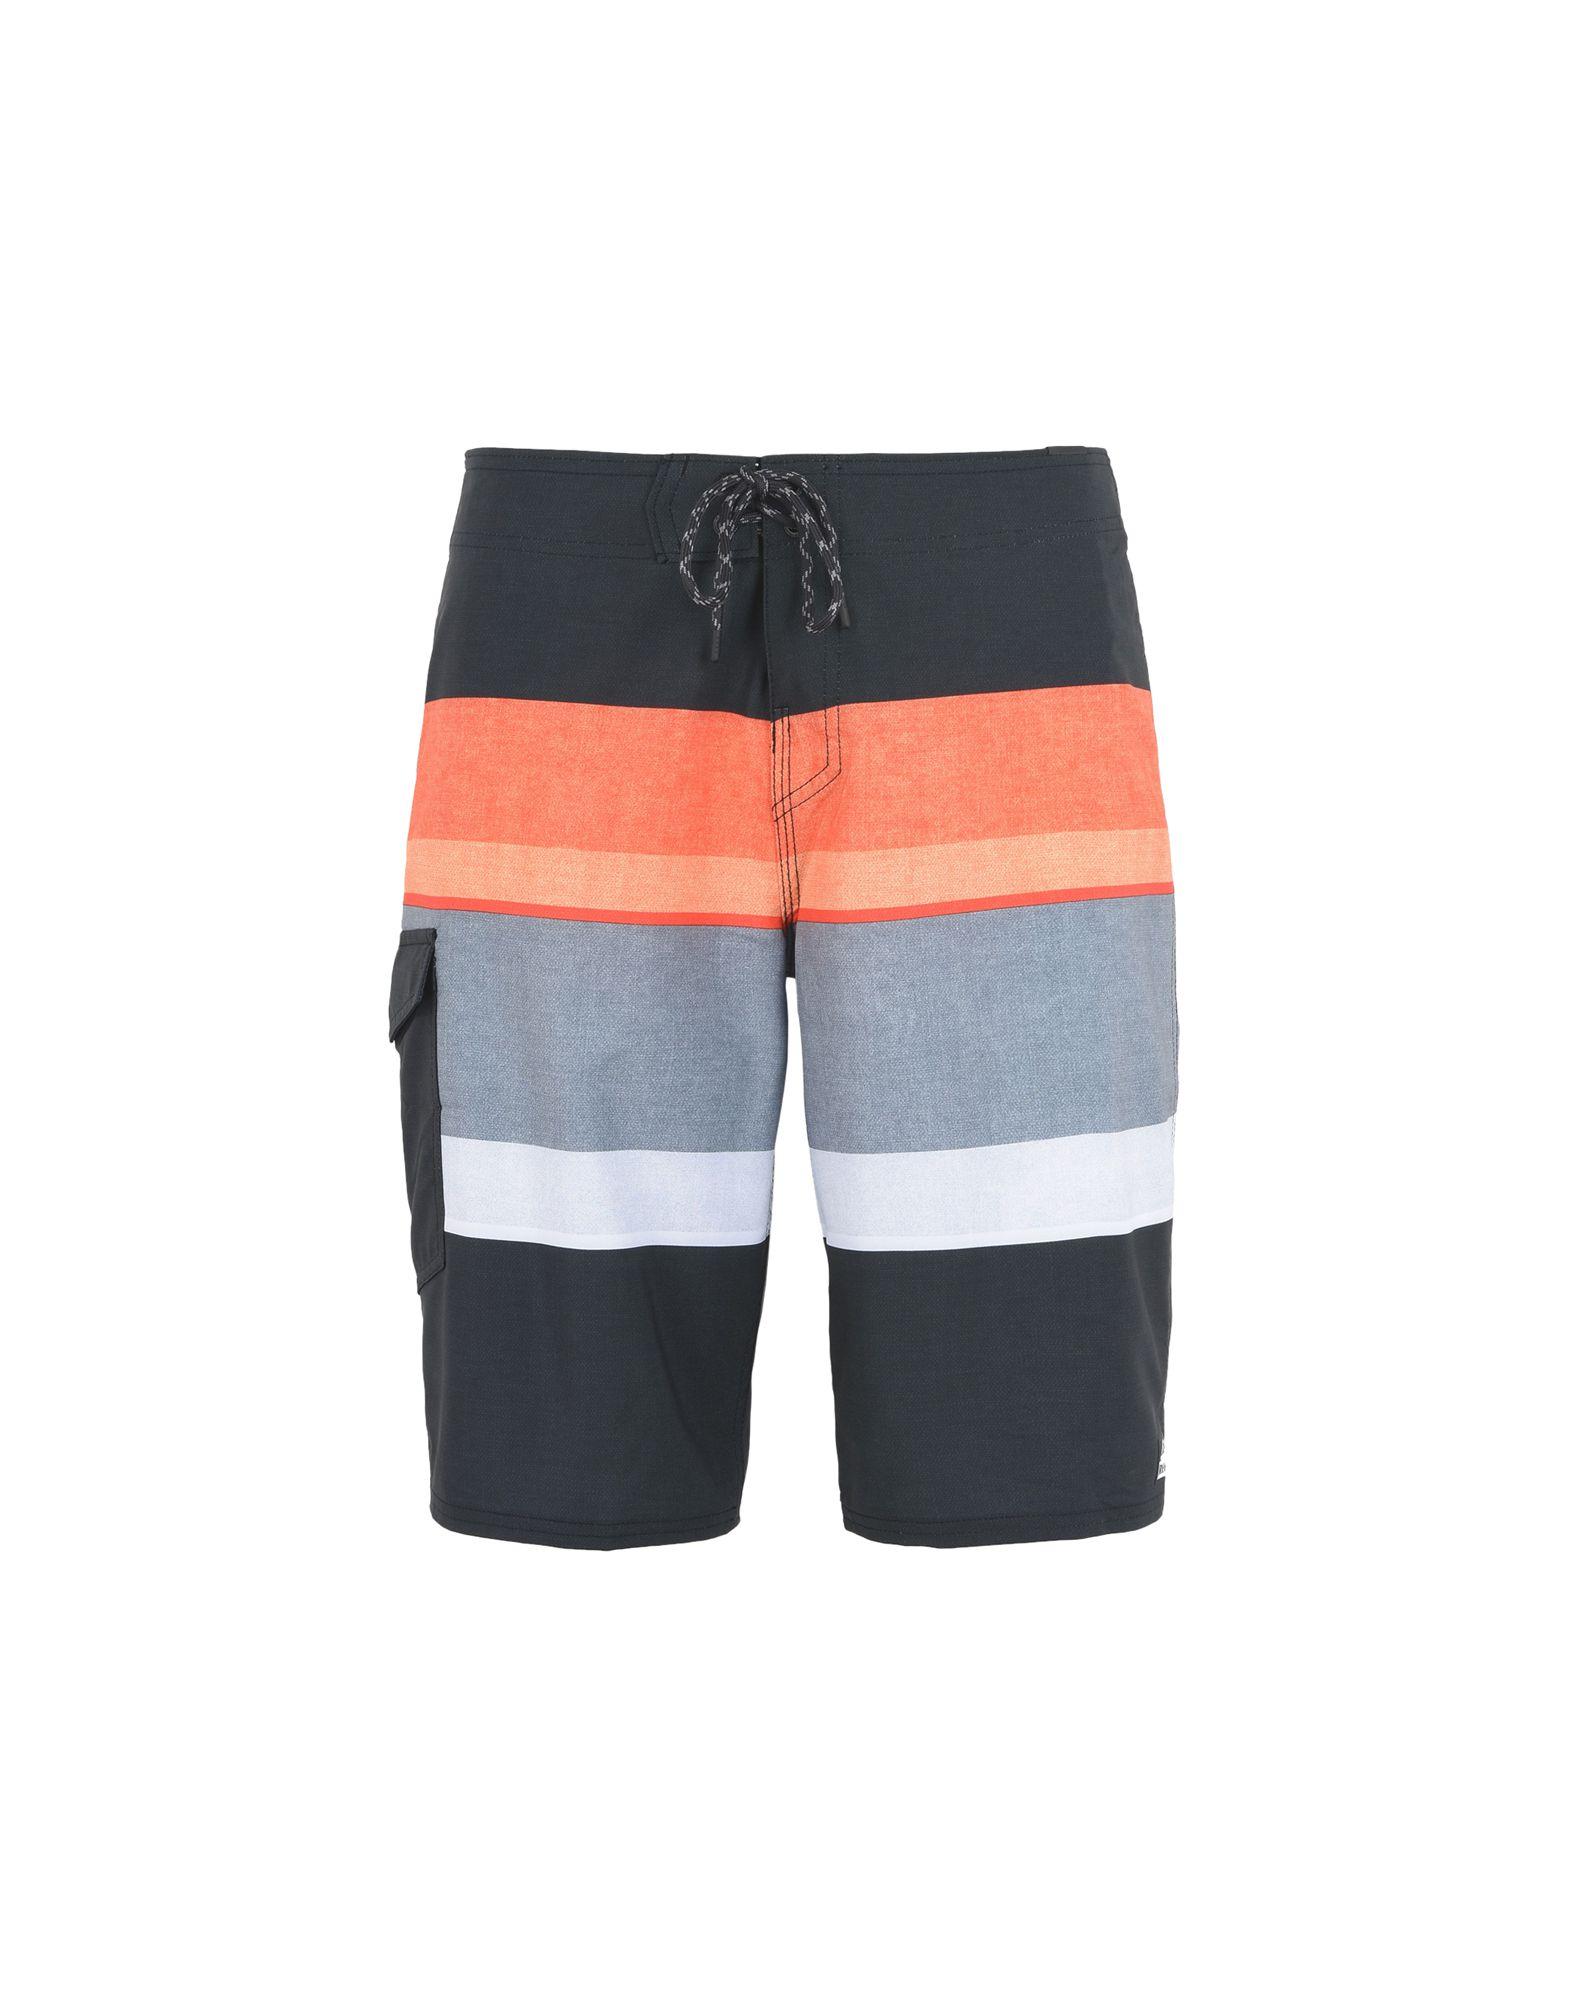 REEF Пляжные брюки и шорты m 3xl мужская мода повседневная брюки летние спортивные шорты пляжные брюки фитнес шорты мужские купальные костюмы page 4